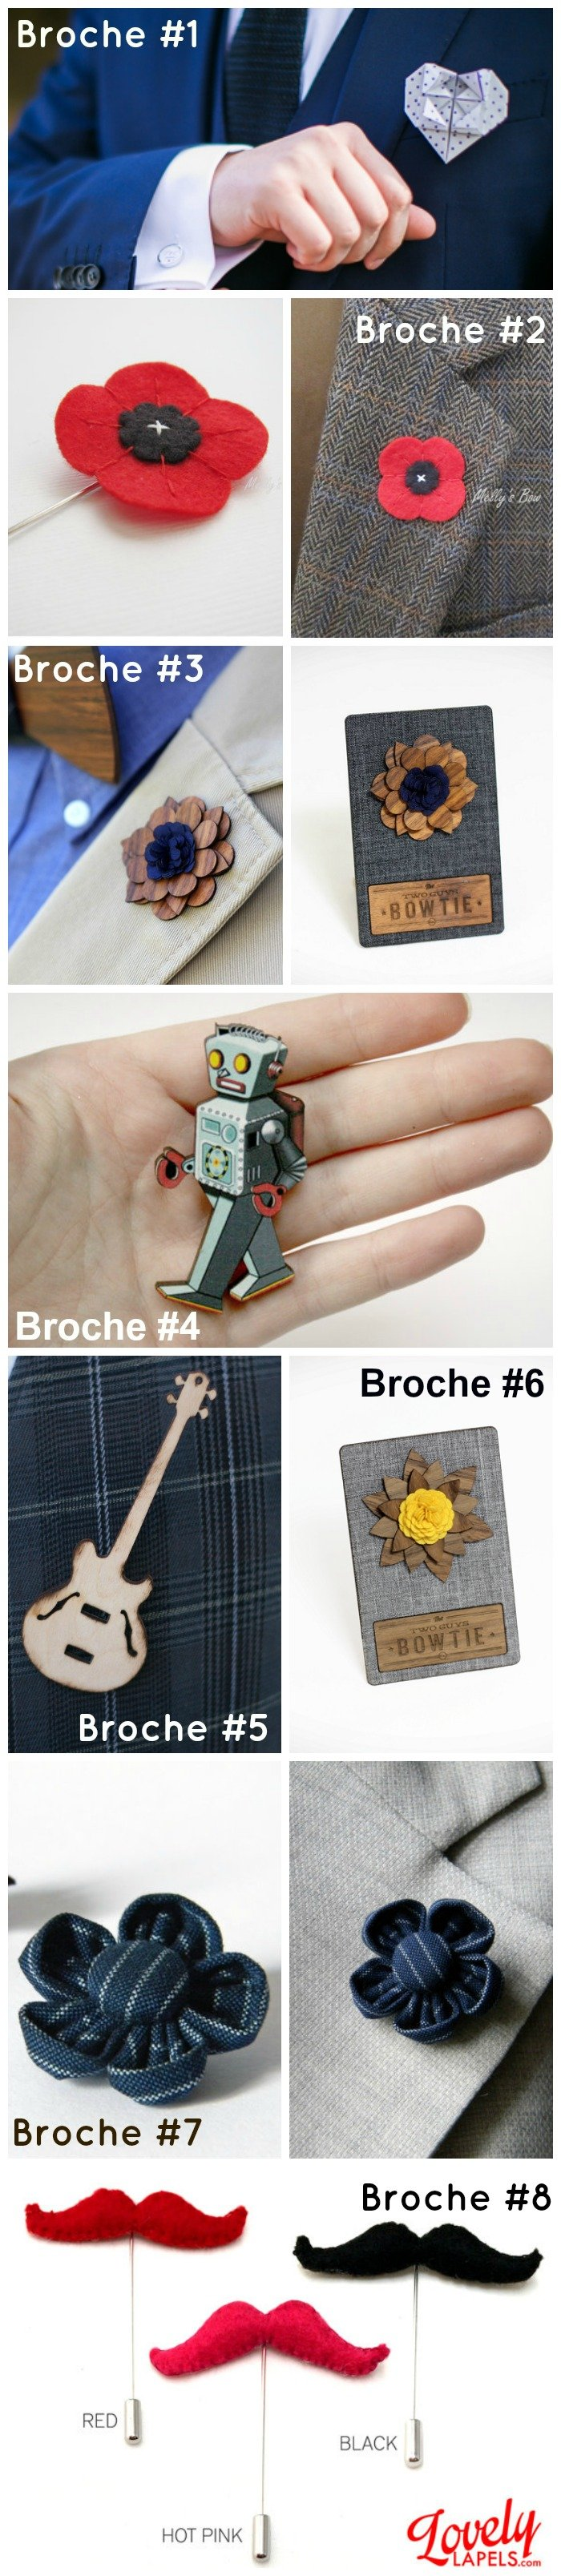 accessoires tenues hommes broches / publié par withalovelikethat.fr